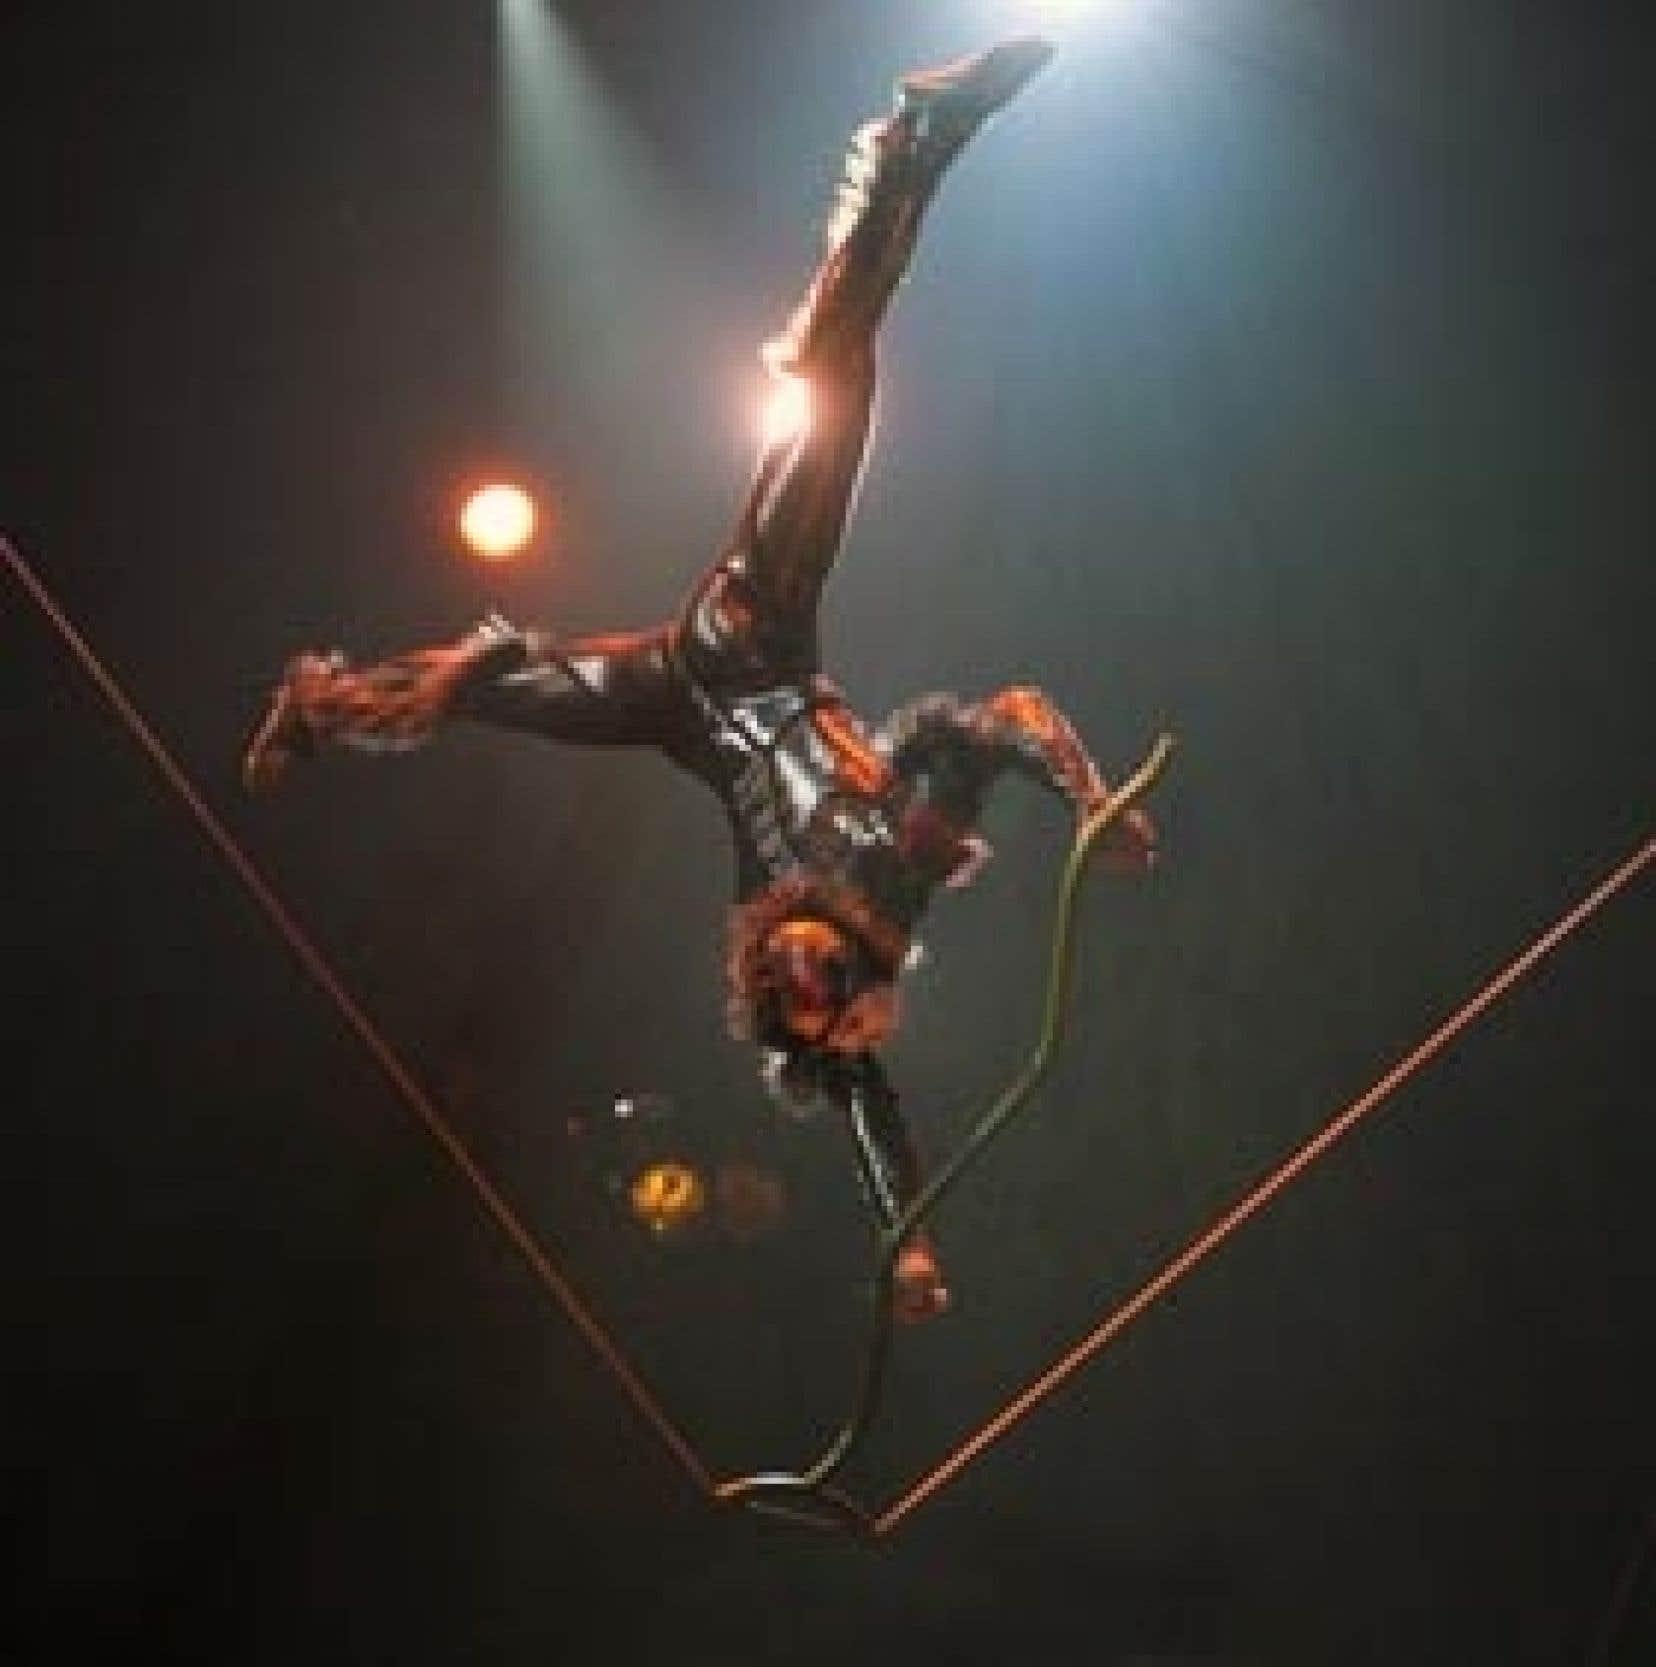 Pour sa 25e production et ses 25 ans d'existence, le Cirque du Soleil revient au spectacle à thème en présentant Ovo, qui plonge les spectateurs dans le monde des insectes, avec un plaidoyer en faveur de l'environnement.